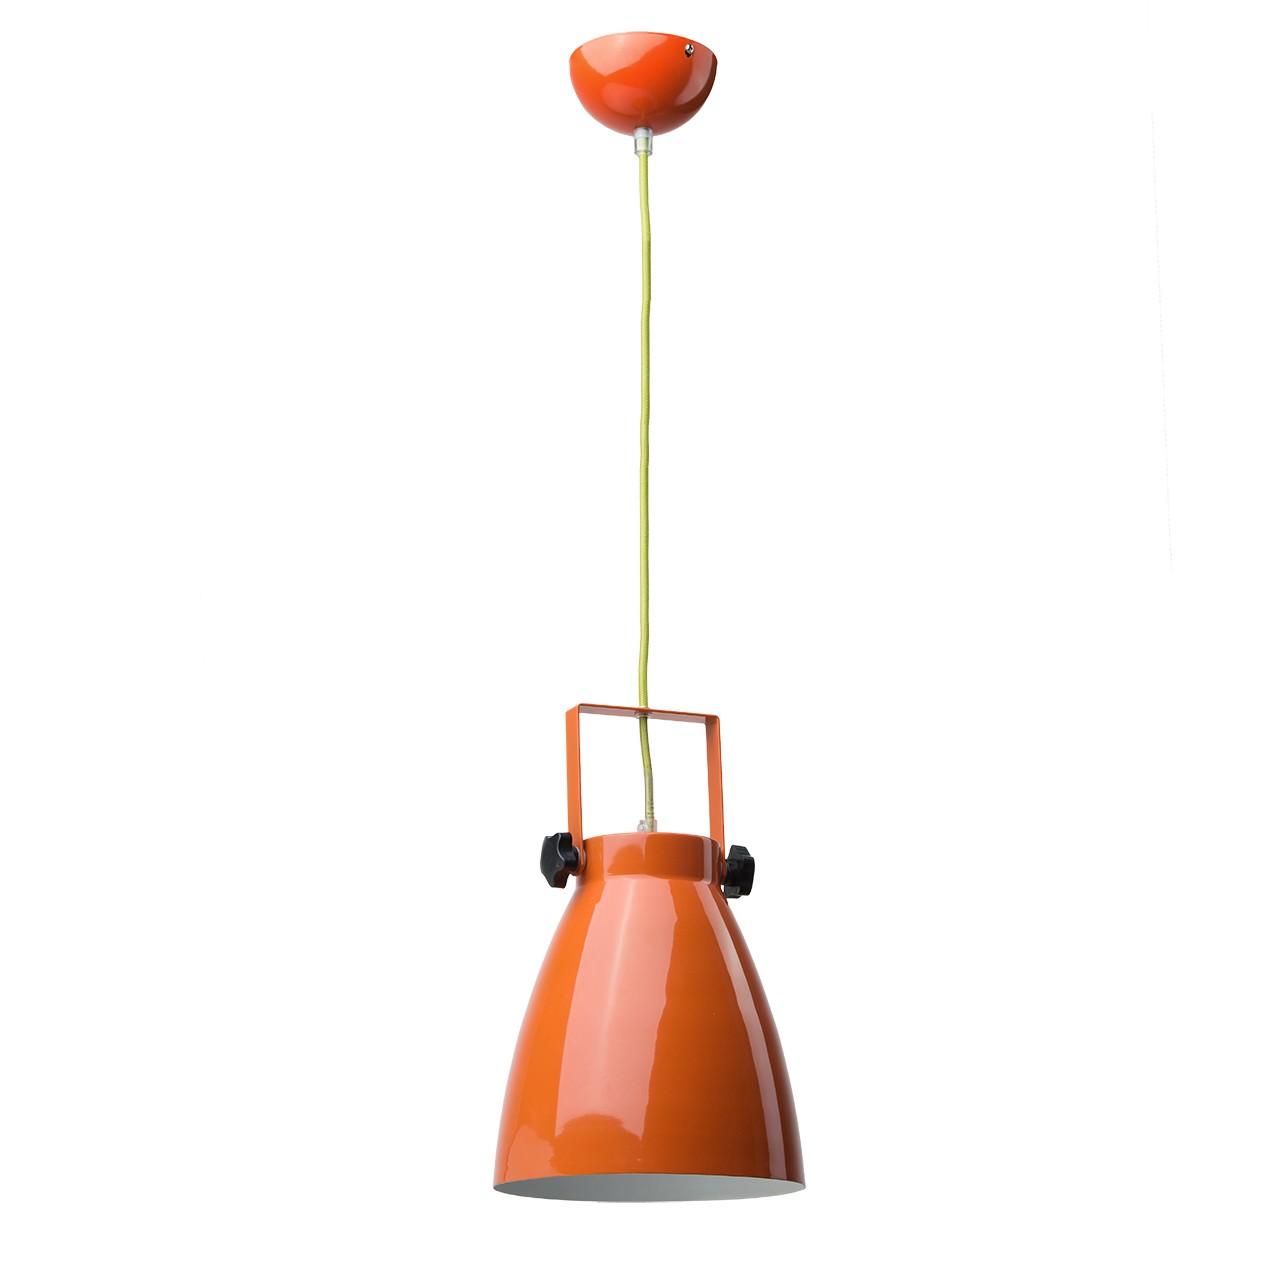 Nowoczesna pomarańczowa lampa wisząca RegenBogen